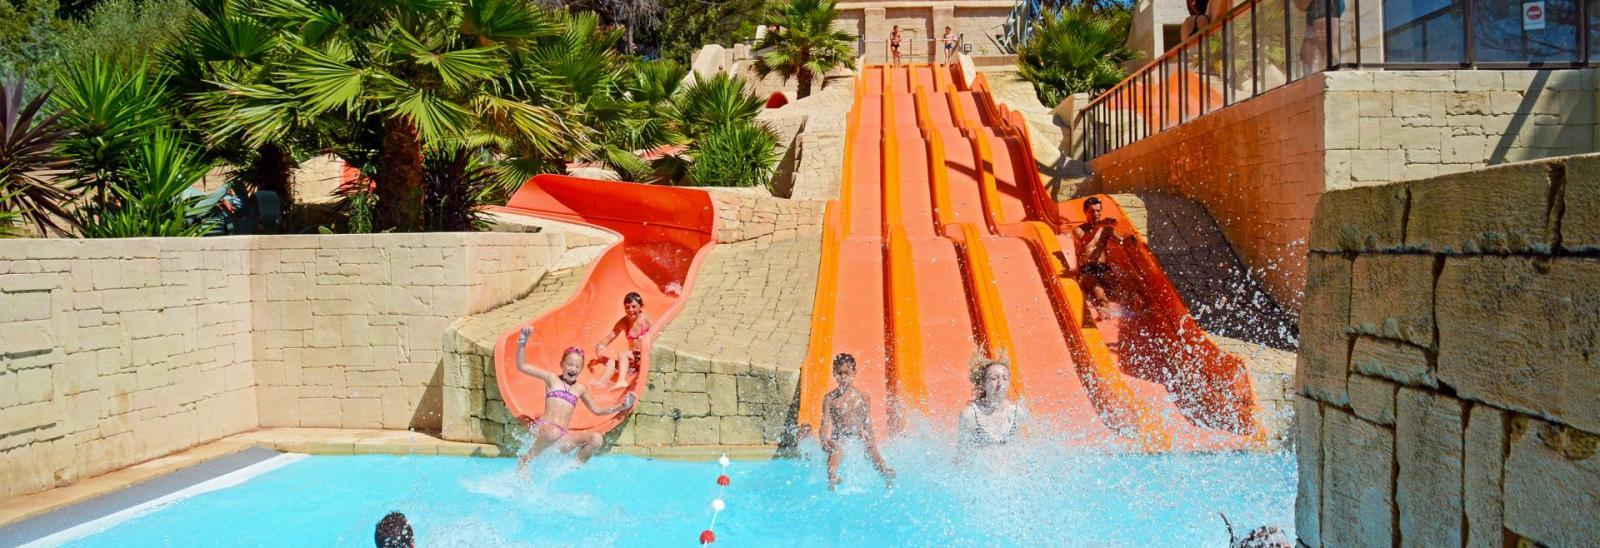 Camping Avec Parc Aquatique Var, Sud De La France : Piscines ... avec Camping Hyeres Avec Piscine